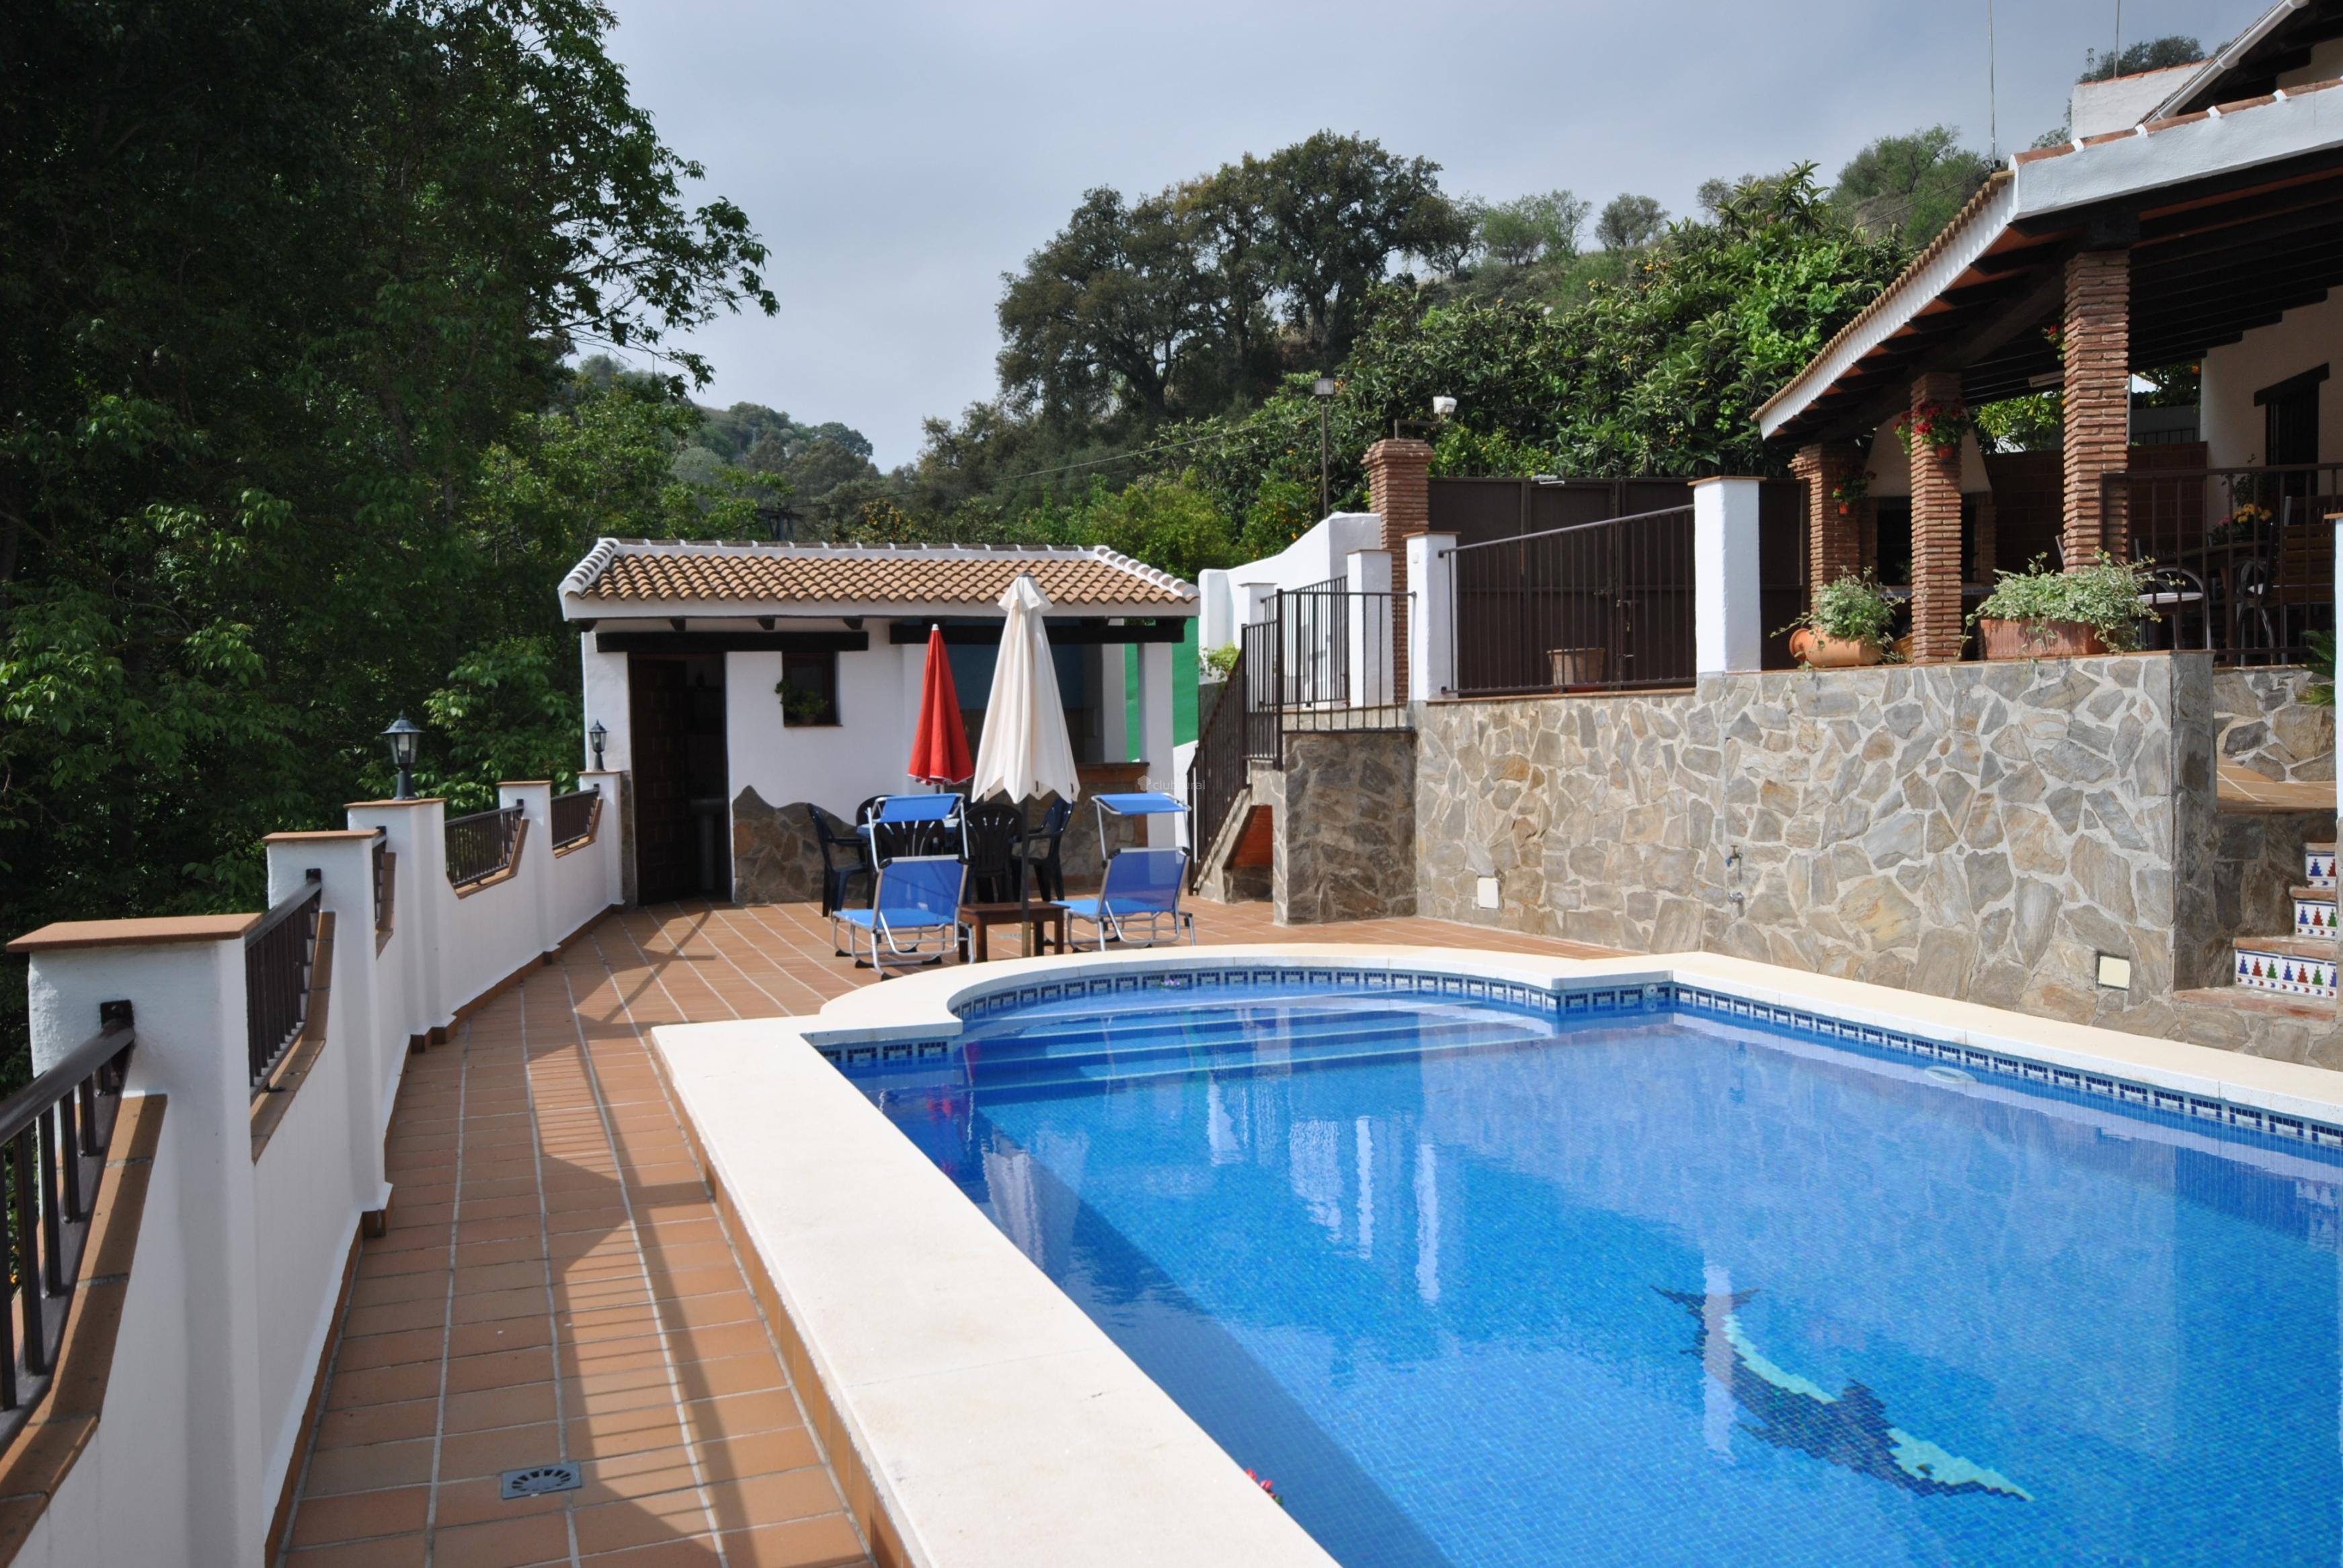 Fotos de la casa del rio m laga alhaurin el grande clubrural - Casa kia malaga ...